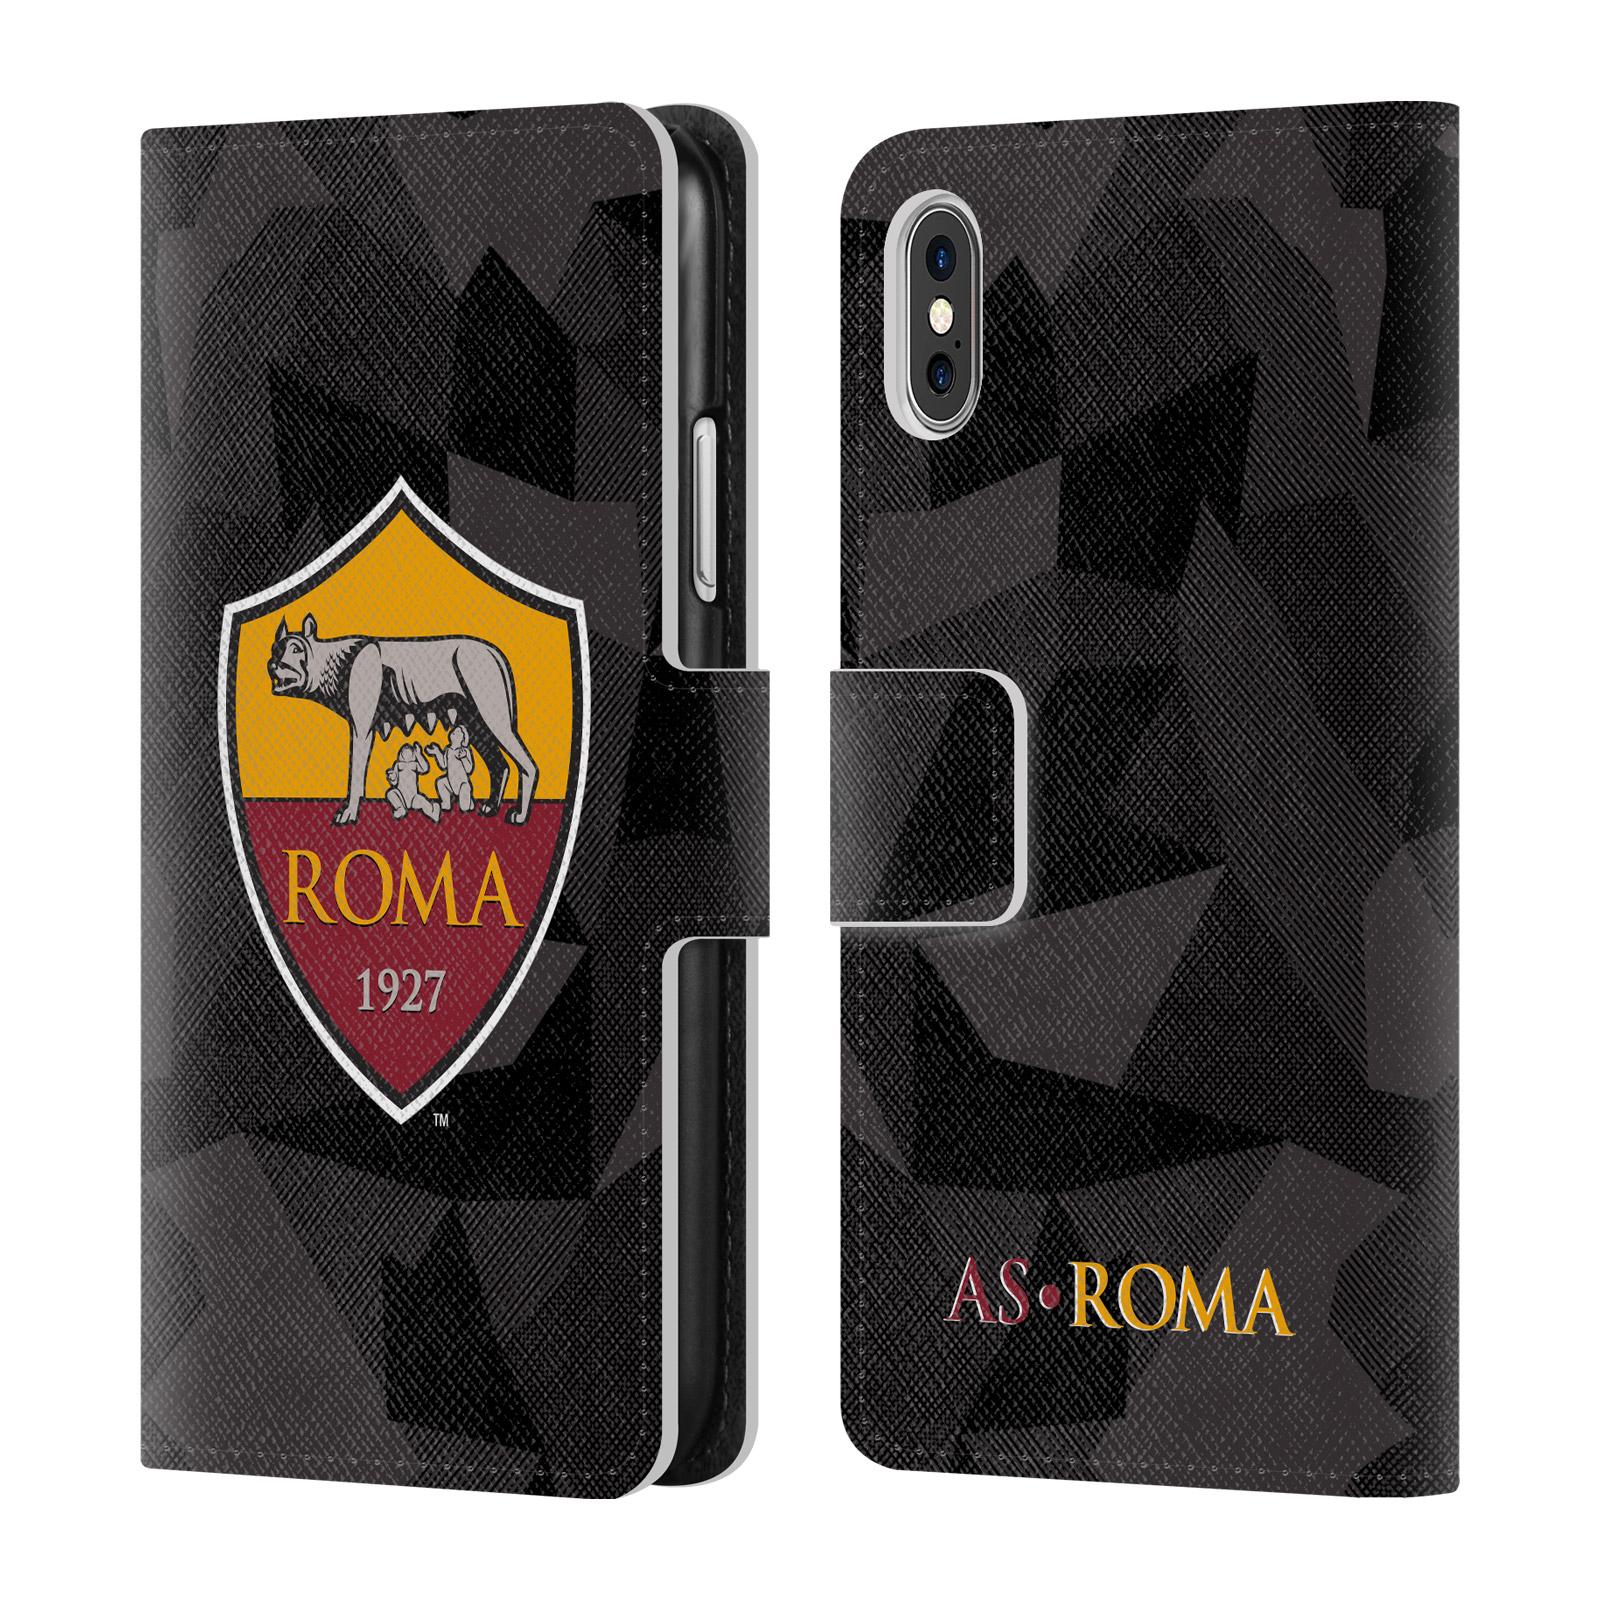 AS-ROMA-2017-18-KIT-CRESTA-COVER-PORTAFOGLIO-IN-PELLE-PER-APPLE-iPHONE-TELEFONI